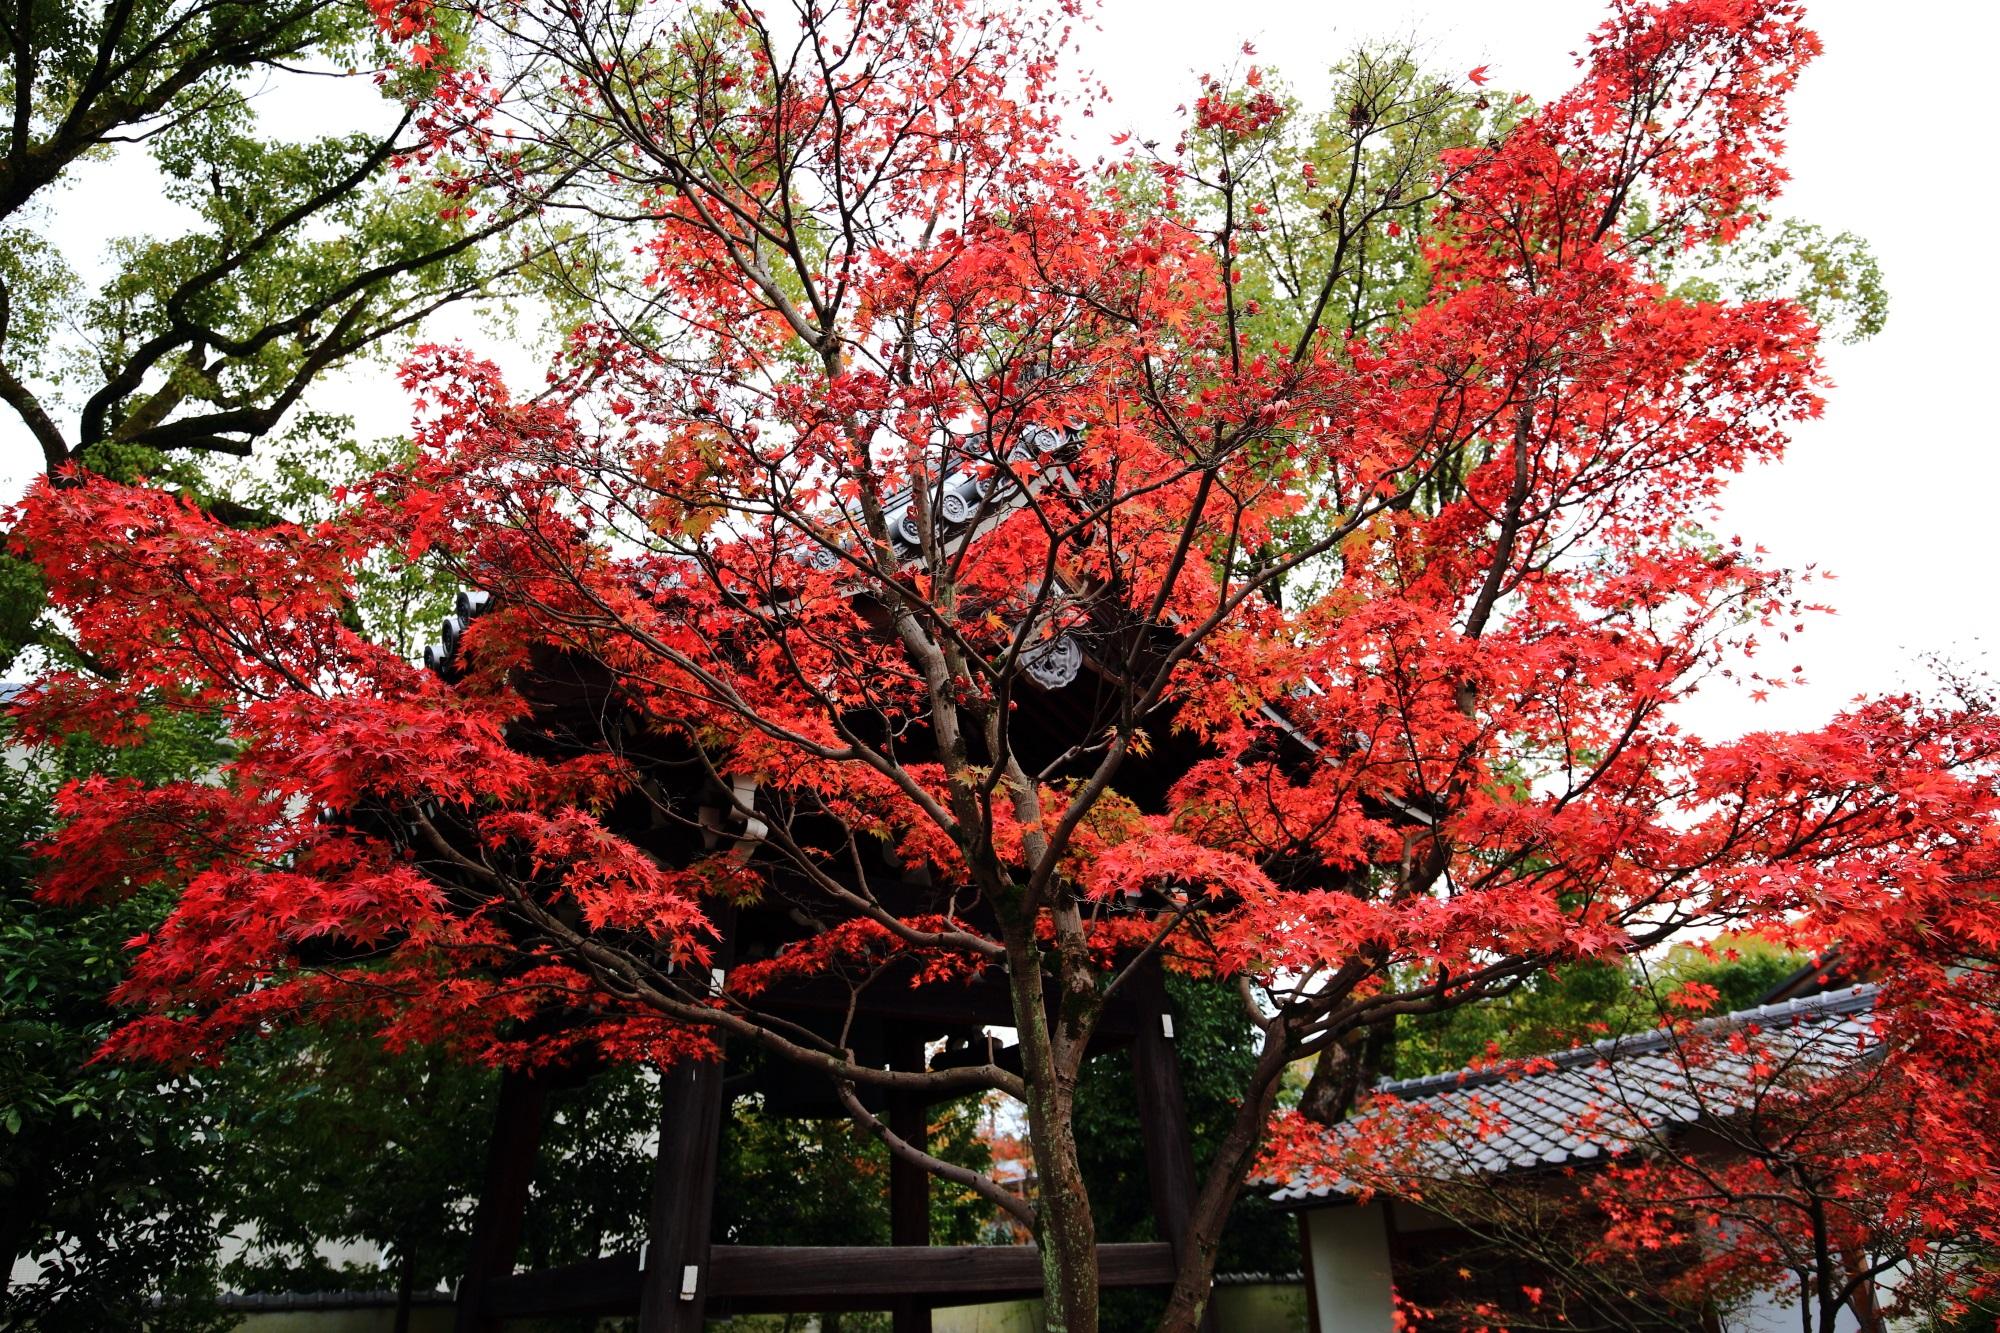 廬山寺の鐘楼と真っ赤な紅葉